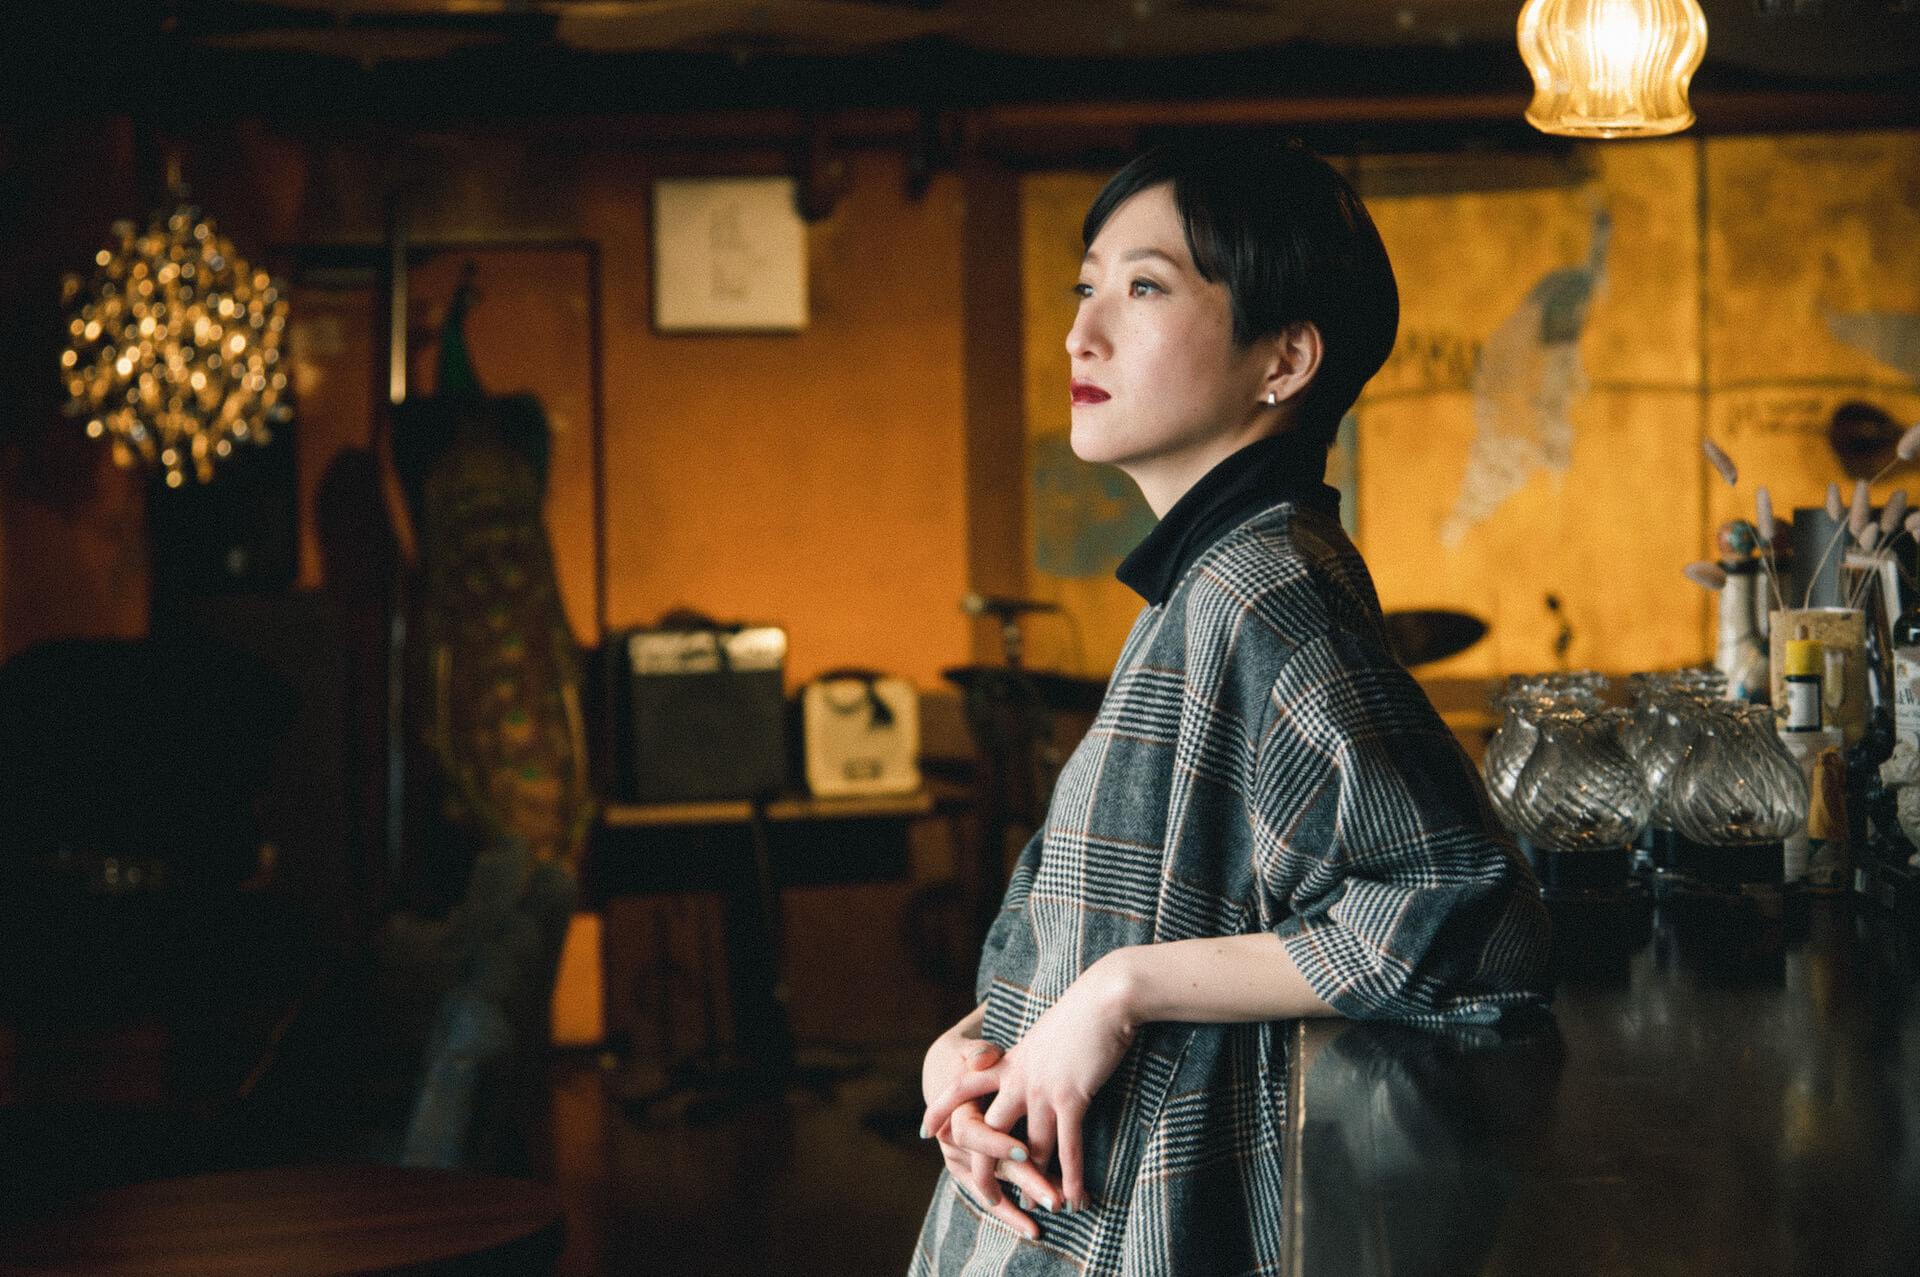 「流されず、変わり続ける」日食なつこが掲げる旗|音楽のすゝめ interview210310_nisshoku-natsuko-02